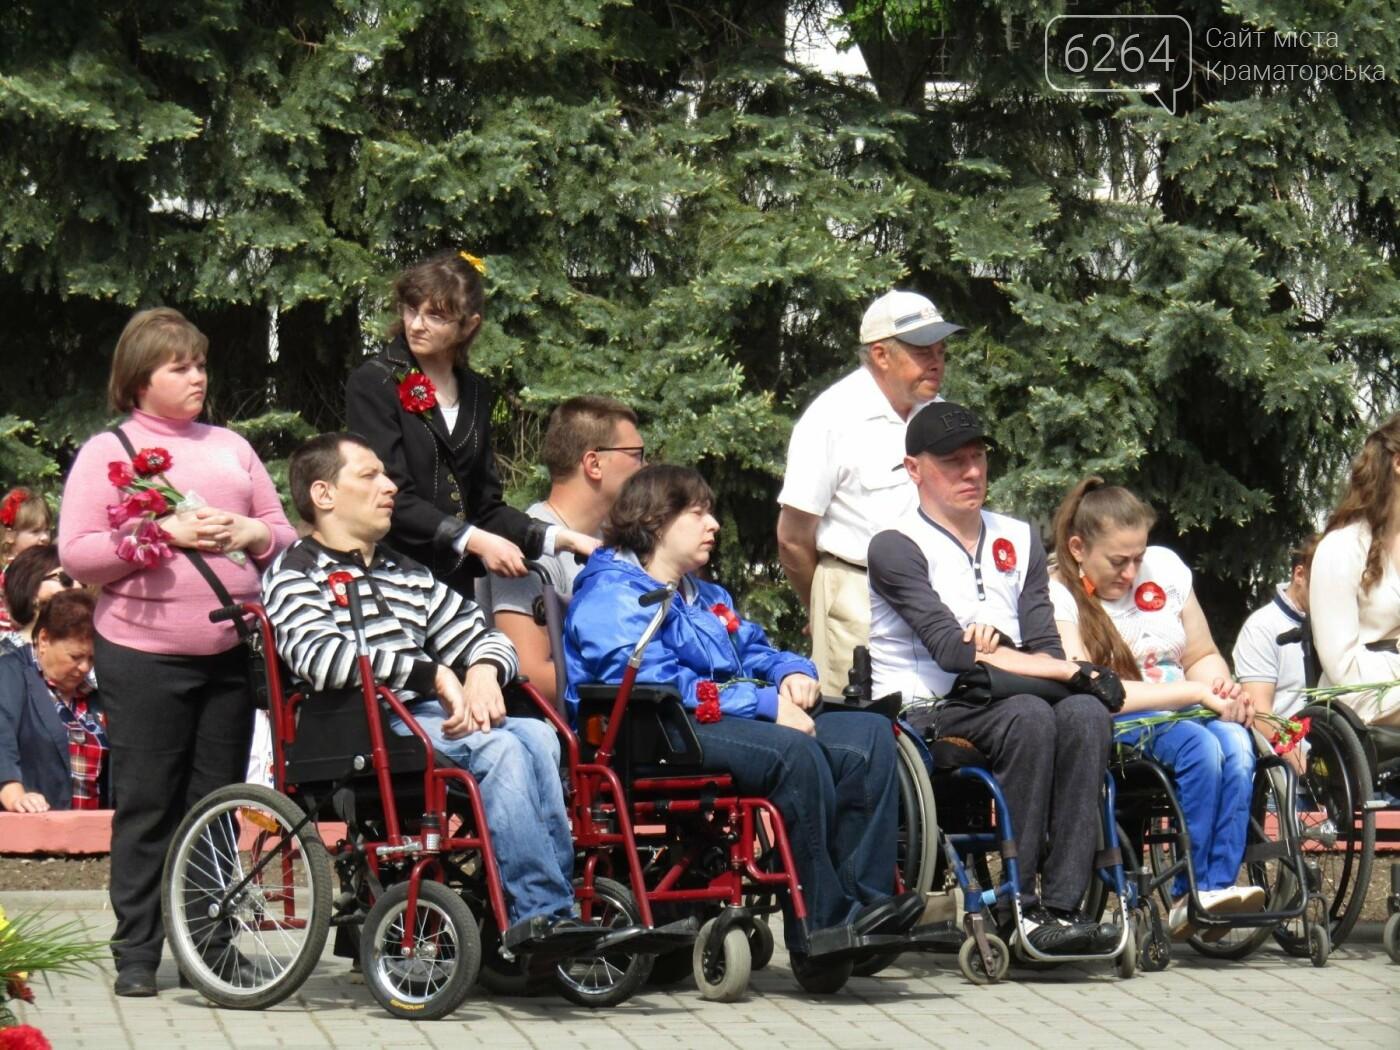 В Сквере Героев краматорчане отметили День победы над нацизмом, фото-3